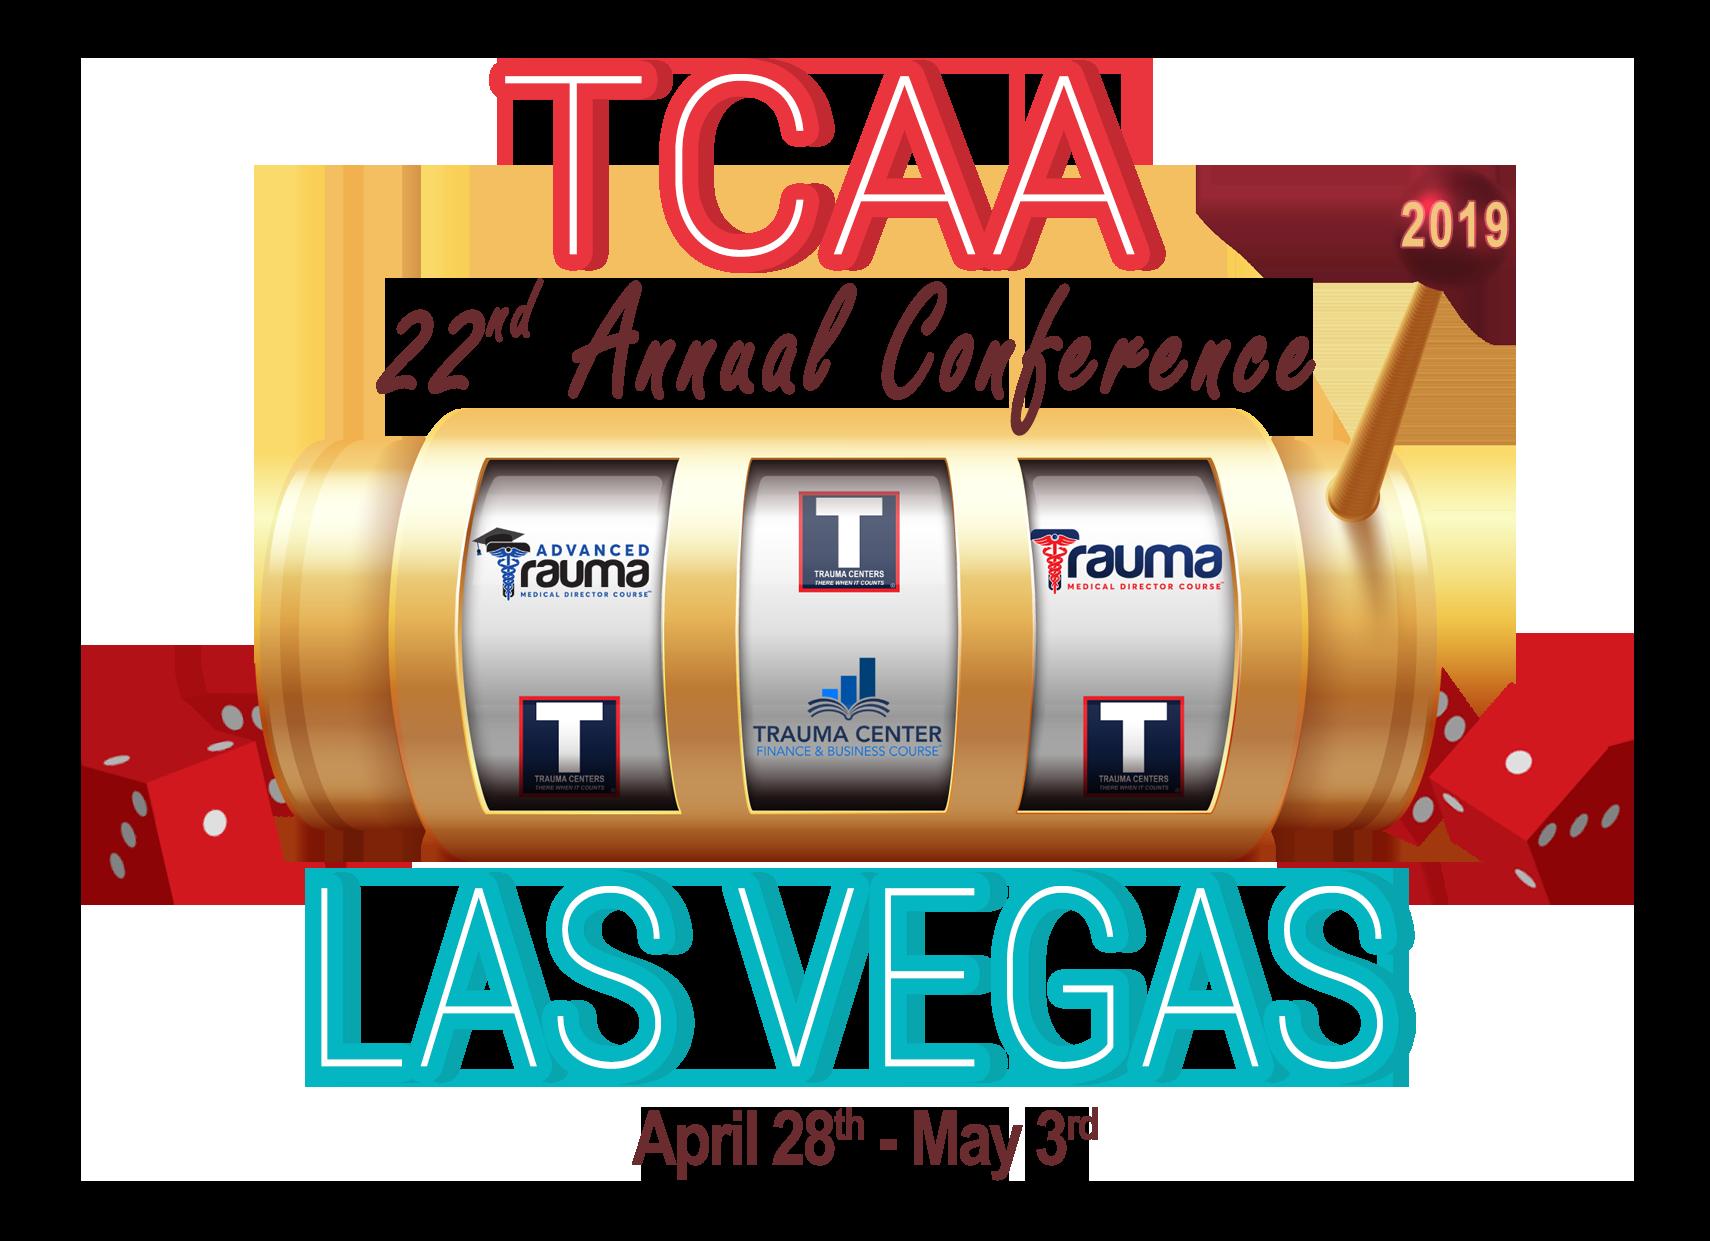 2019 Courses & Workshops - Trauma Center Association of